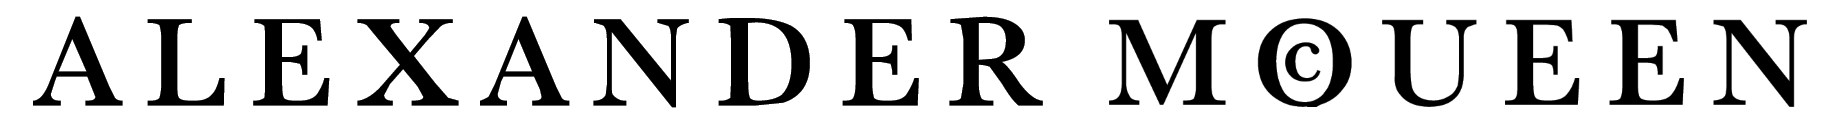 alexander mcqueen � logos download